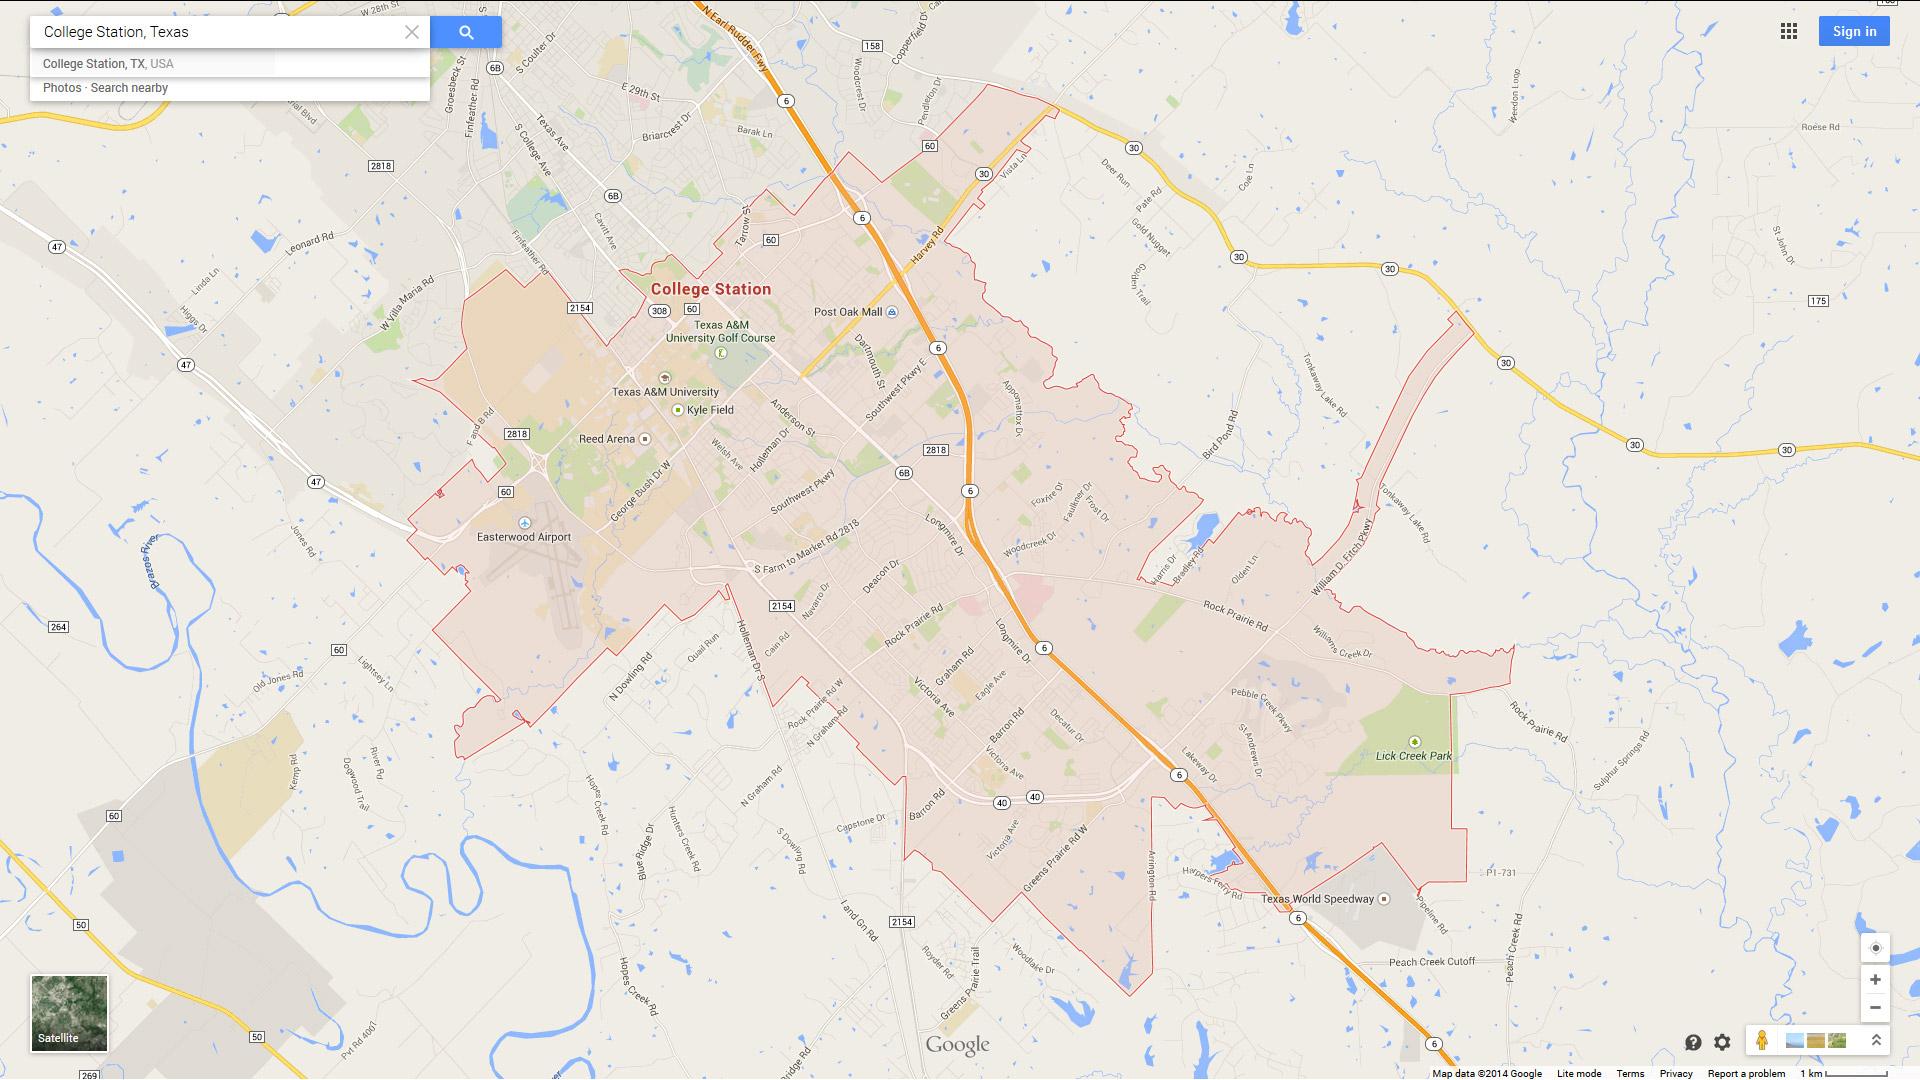 College Station, Texas Map - College Station Texas Map